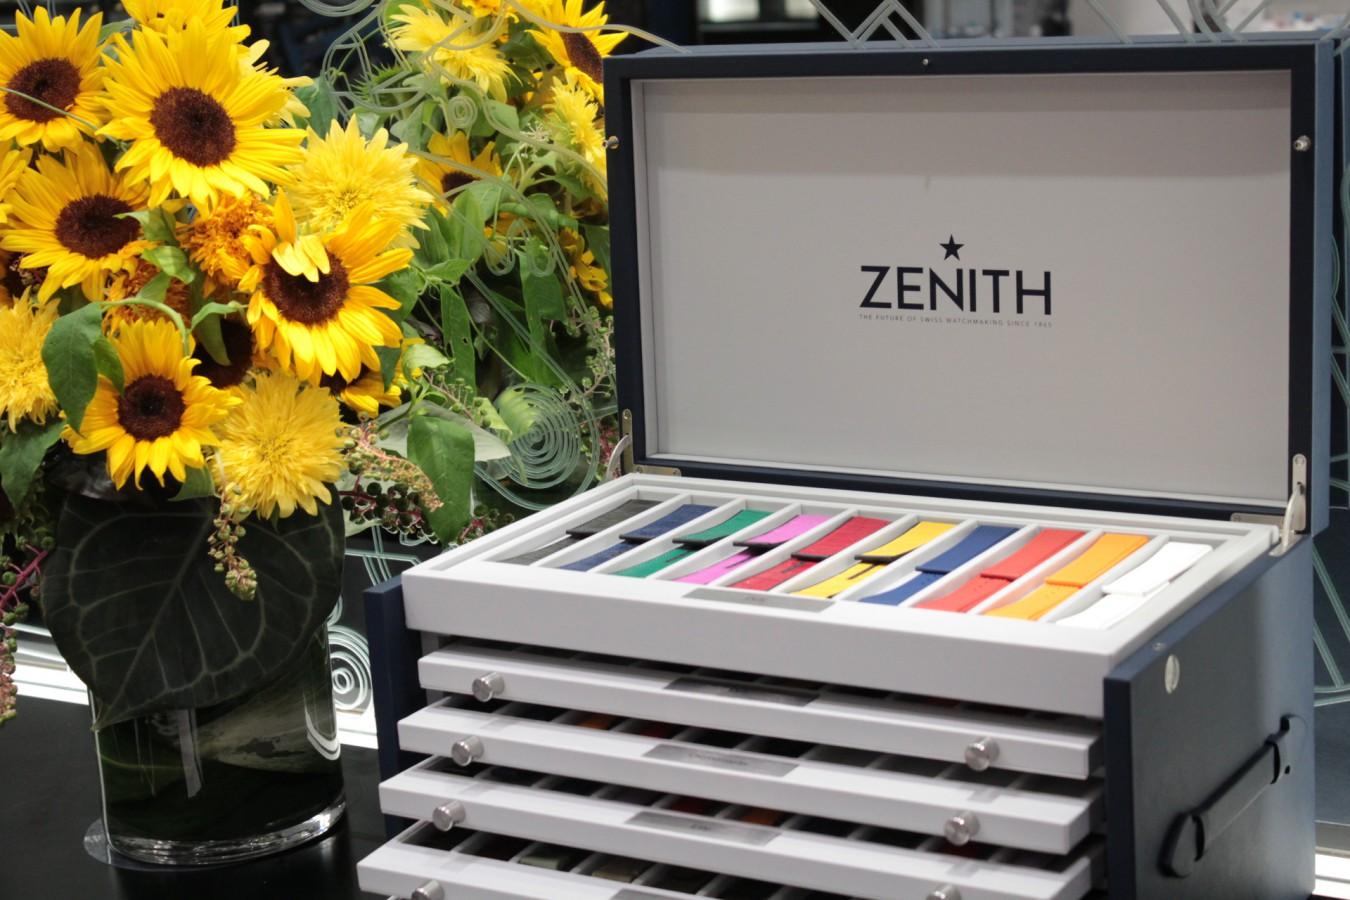 IMG_4826 ゼニスの豪華なストラップボックスが入荷しました!現行モデルのストラップを色々ご覧頂けます。 - ベルト/ストラップ